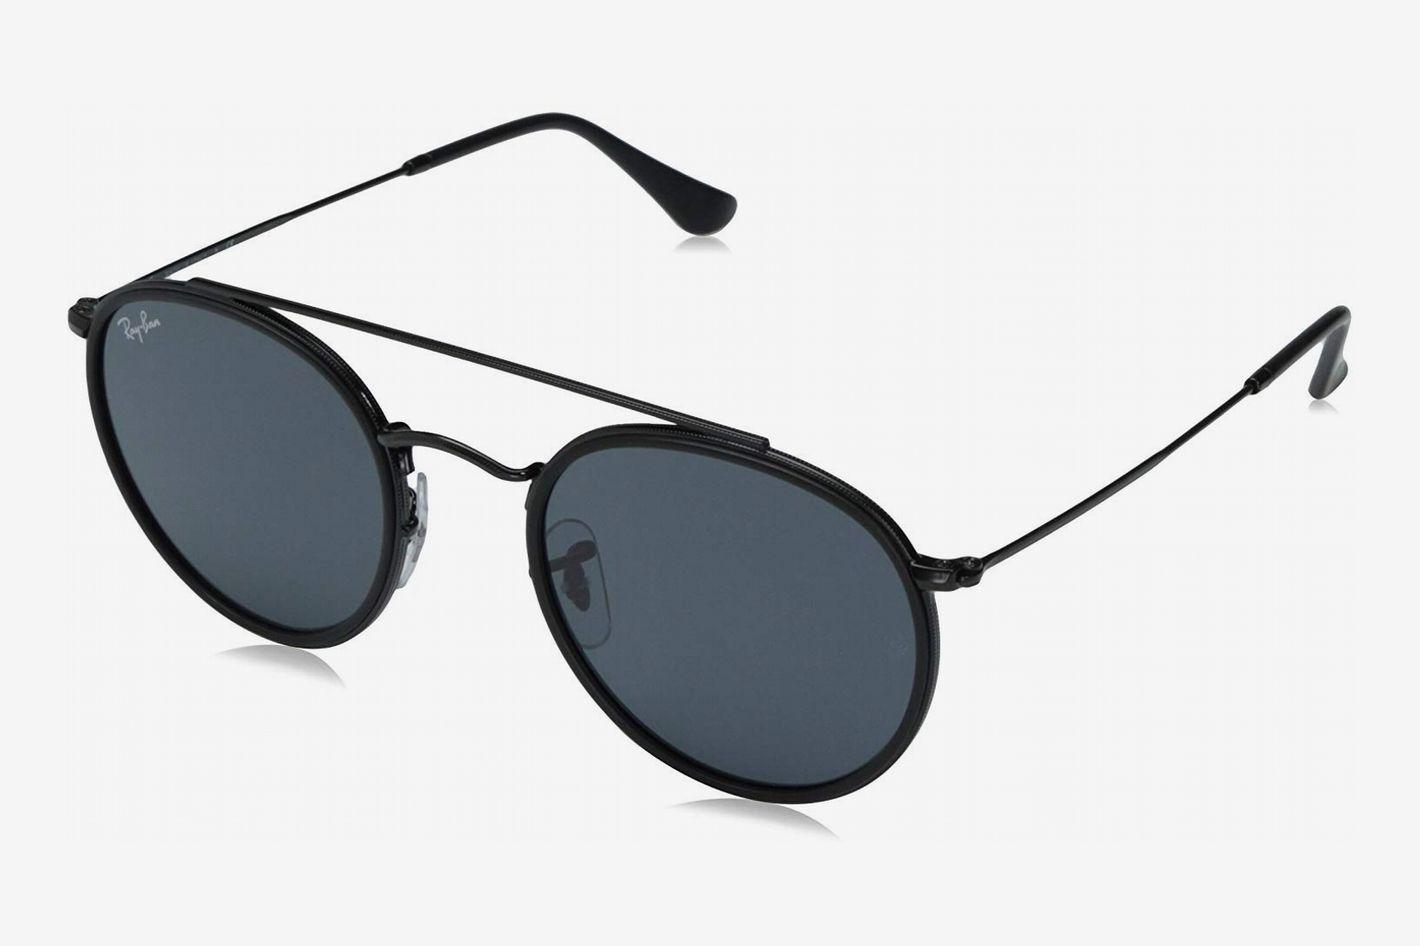 Ray-Ban Women's Round Aviator Flash Sunglasses